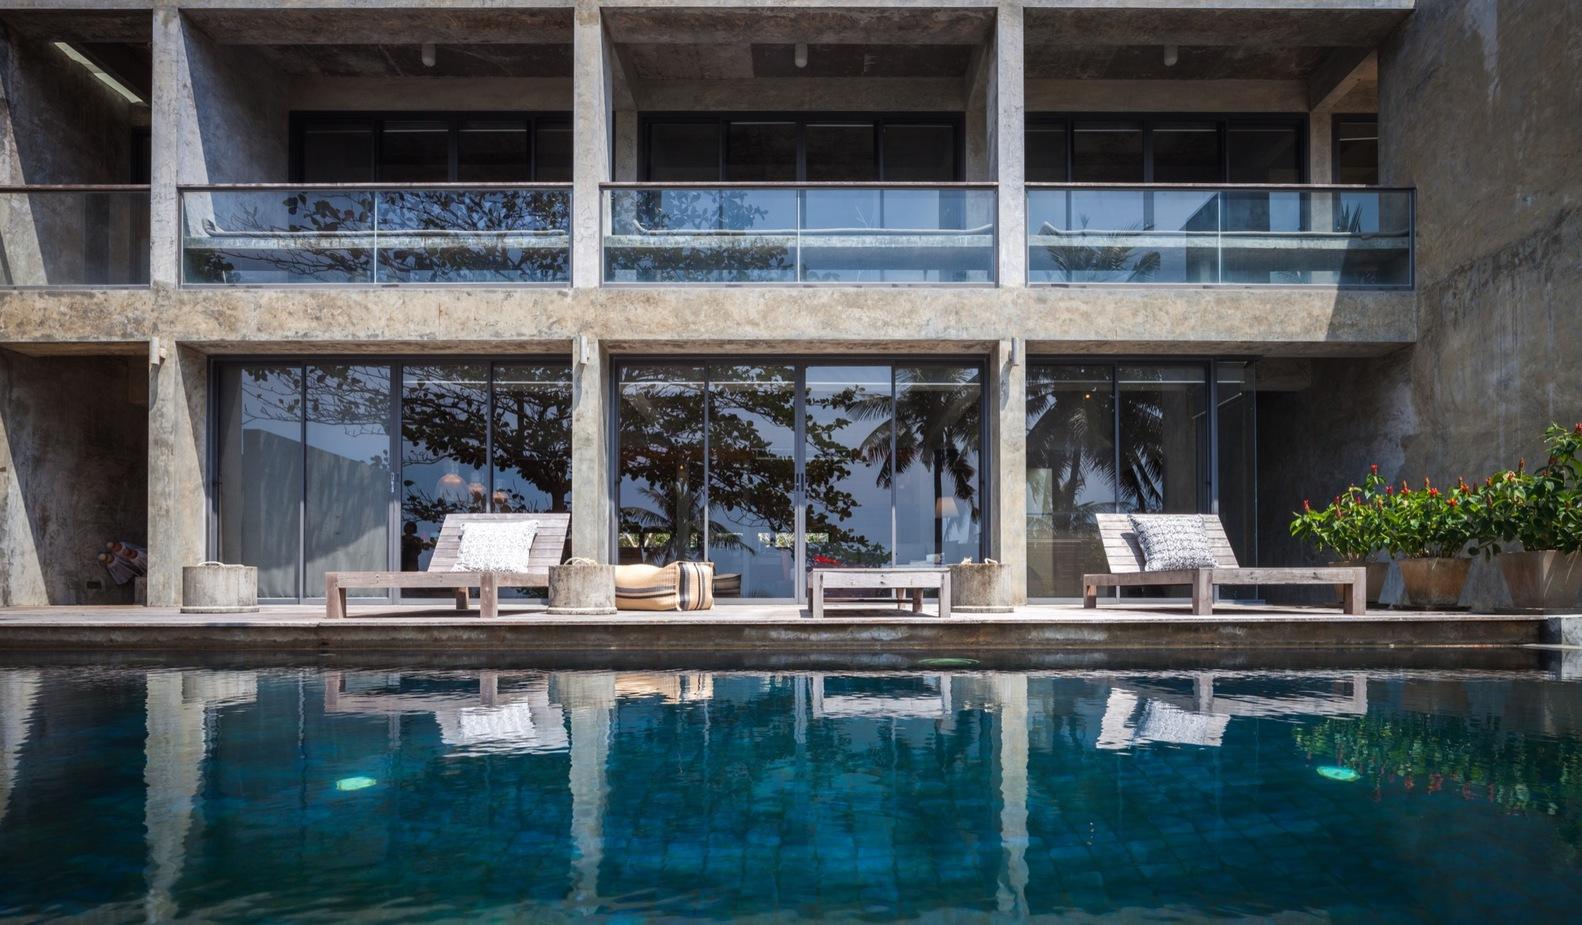 casas de ensueo un lujo en tailandia o cmo disfrutar de la puesta de sol en tu propia piscina